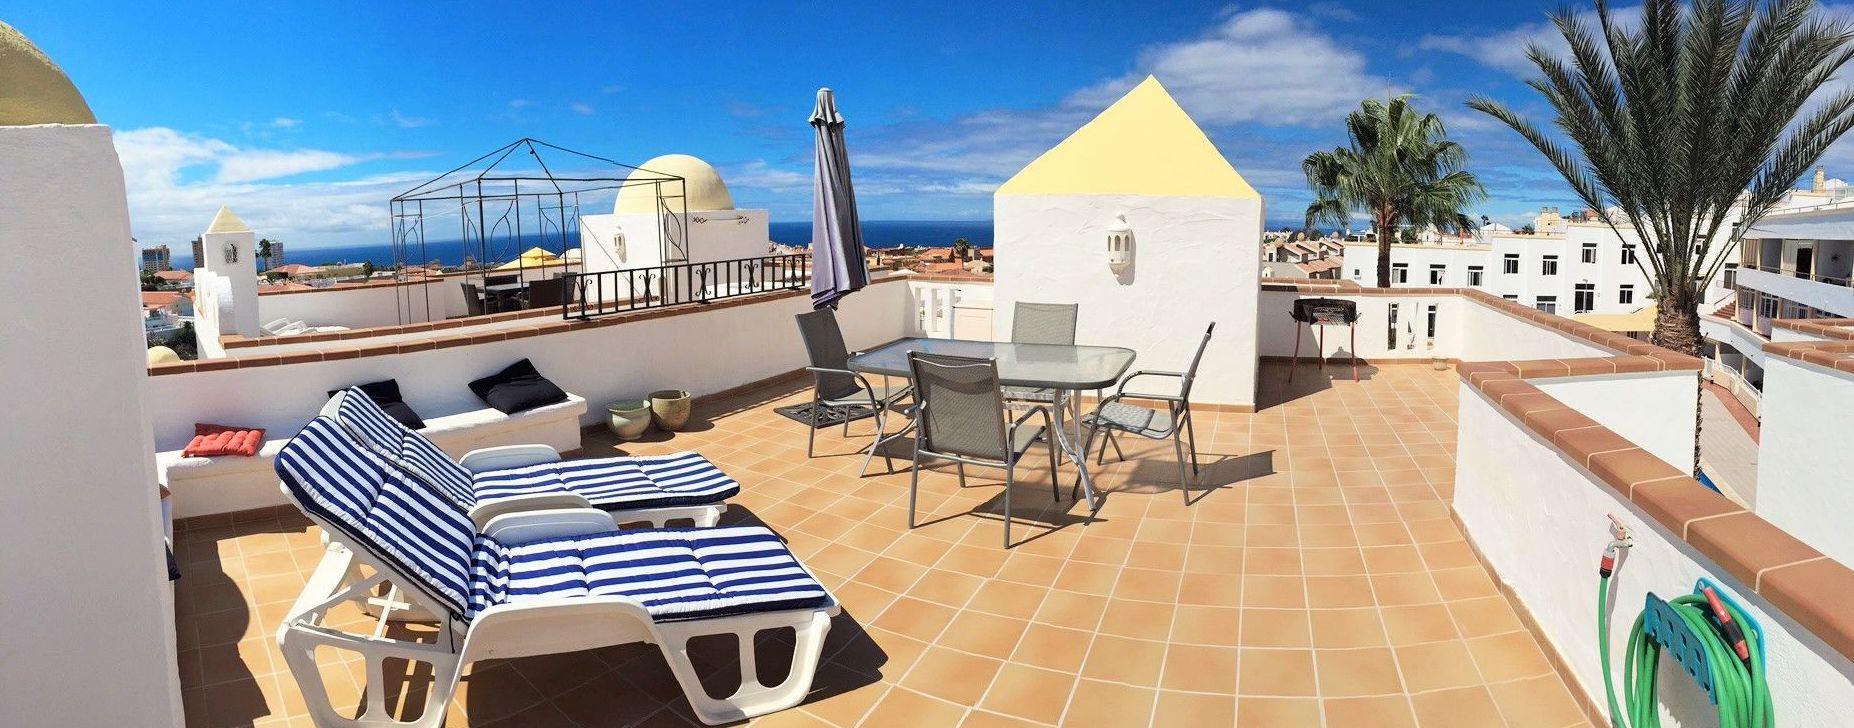 Compraventa de apartamentos en Tenerife, Callao Salvaje